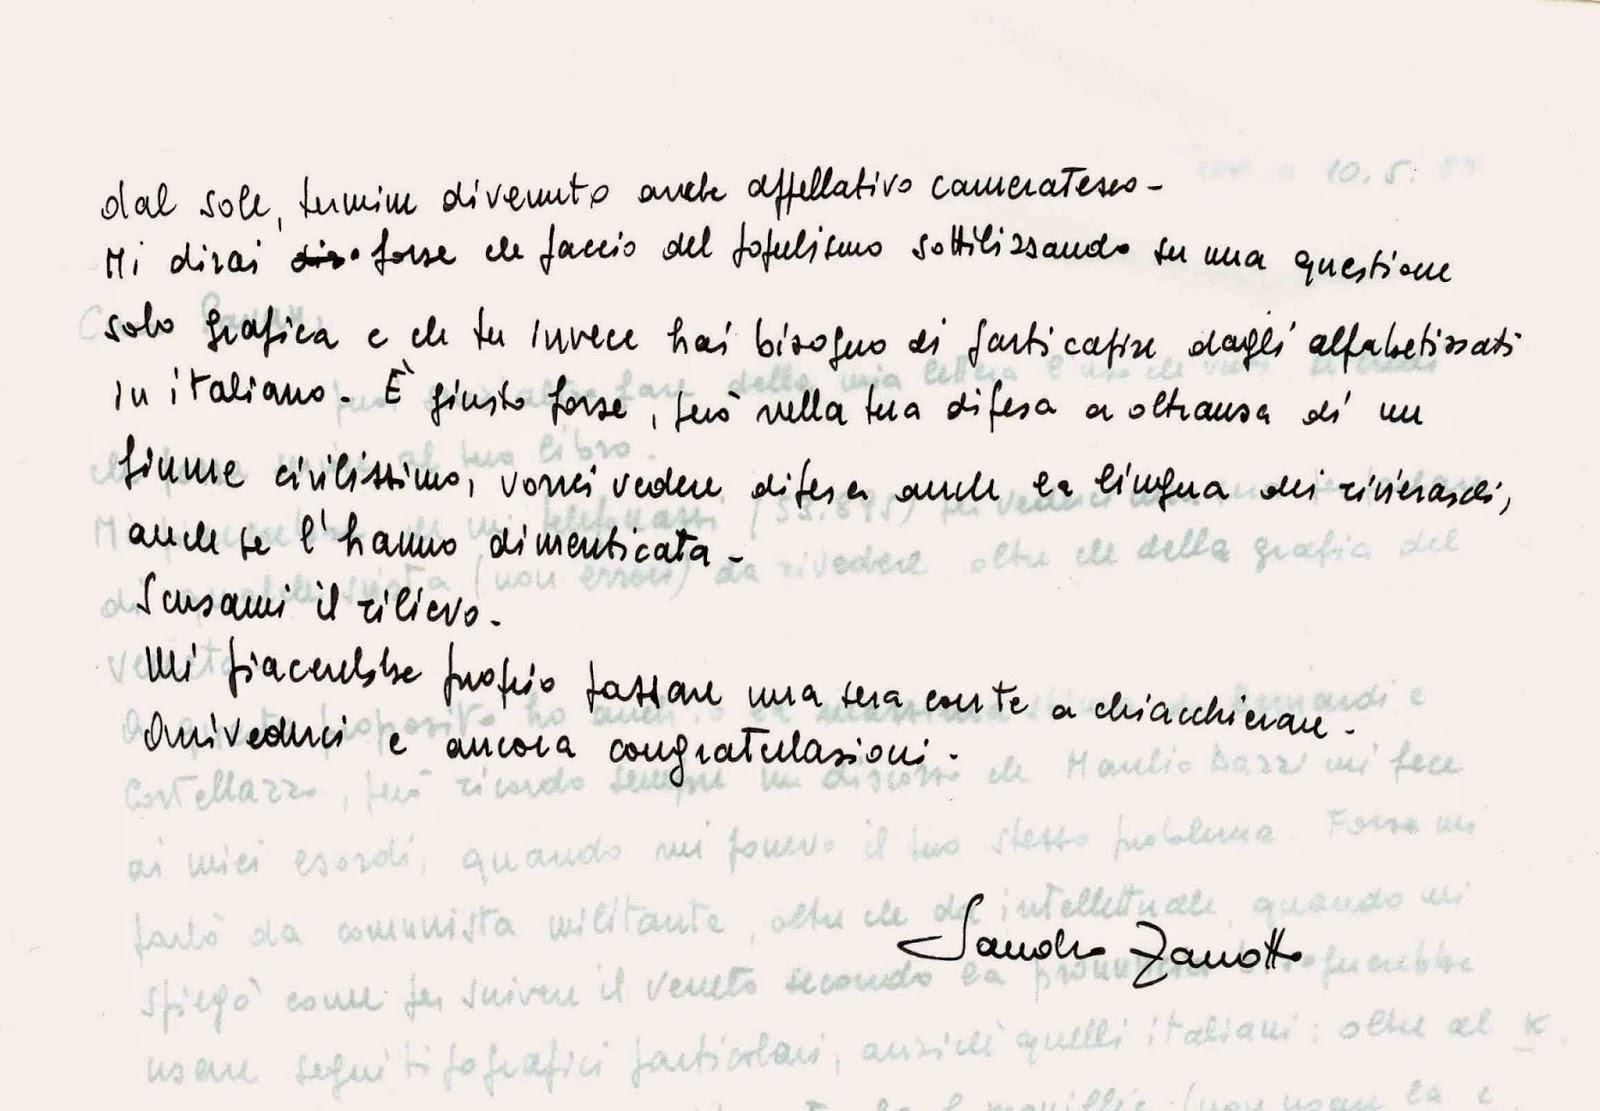 Connu Camillo Pavan: Scambio di lettere con Sandro Zanotto EL38